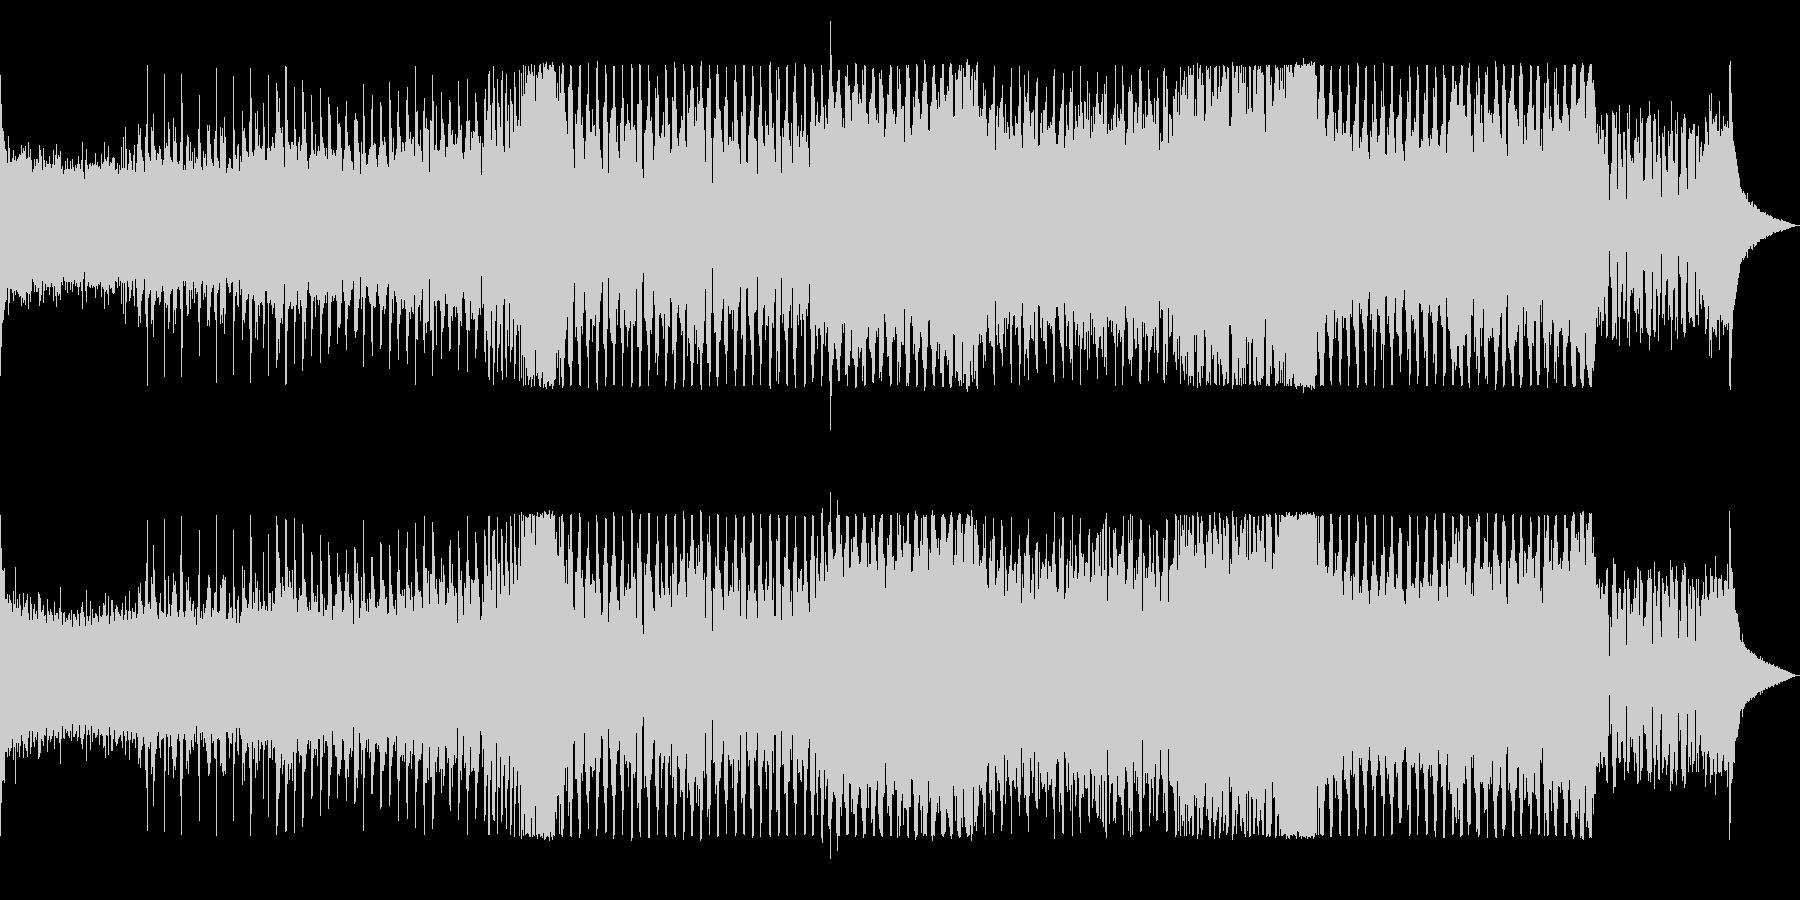 オープニングを盛り上げるエレクトロハウスの未再生の波形